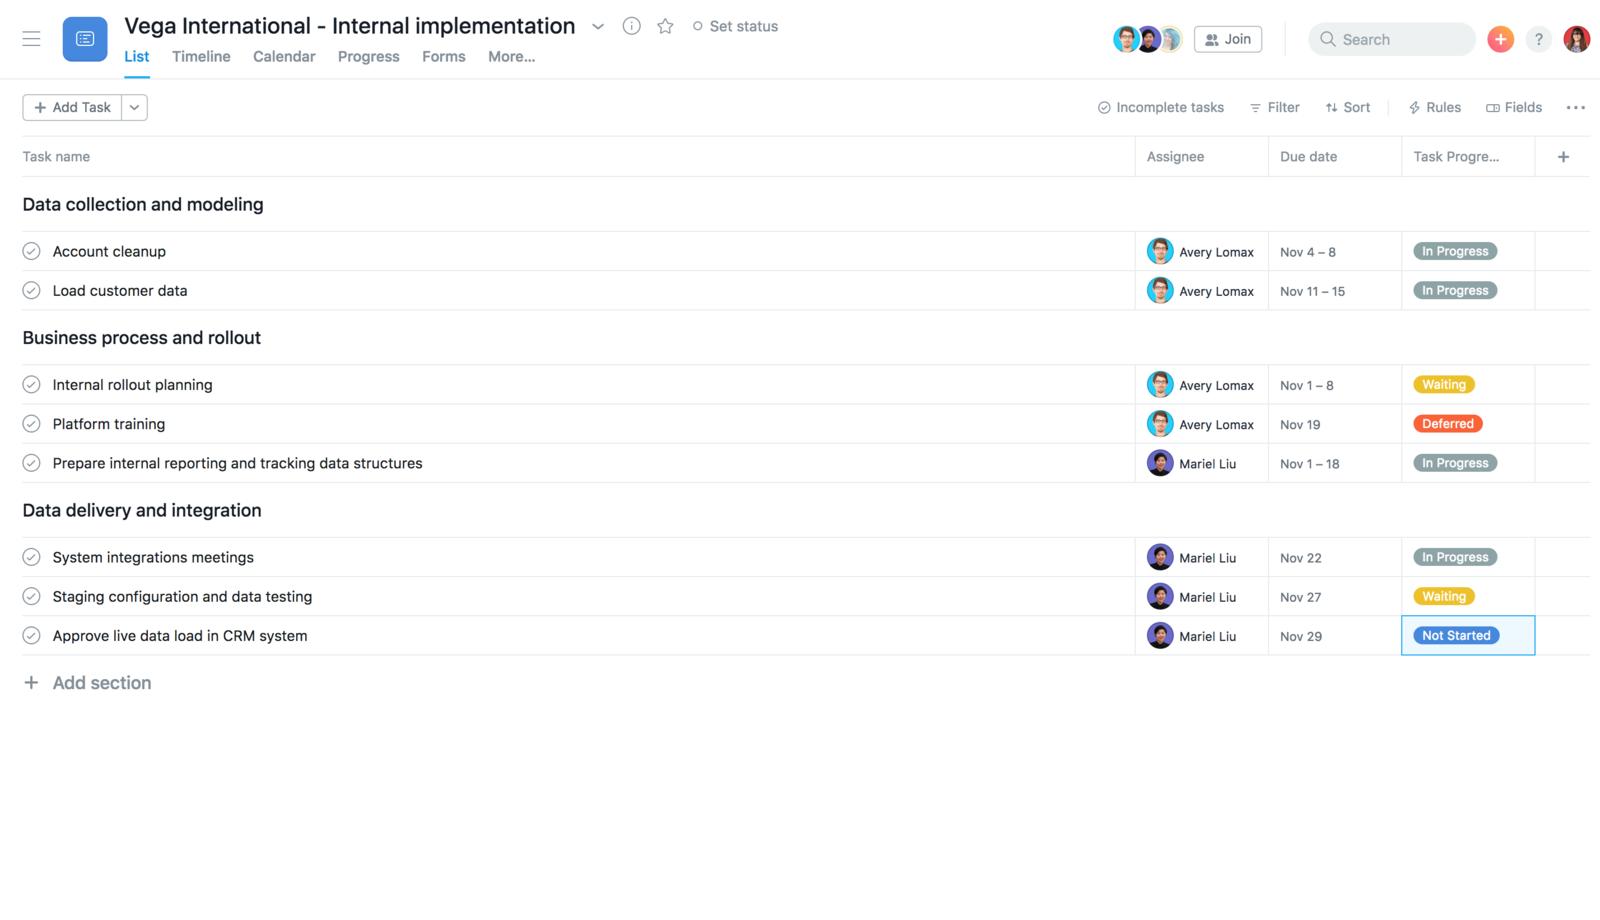 Crea una plantilla de implementación interna en Asana para duplicar